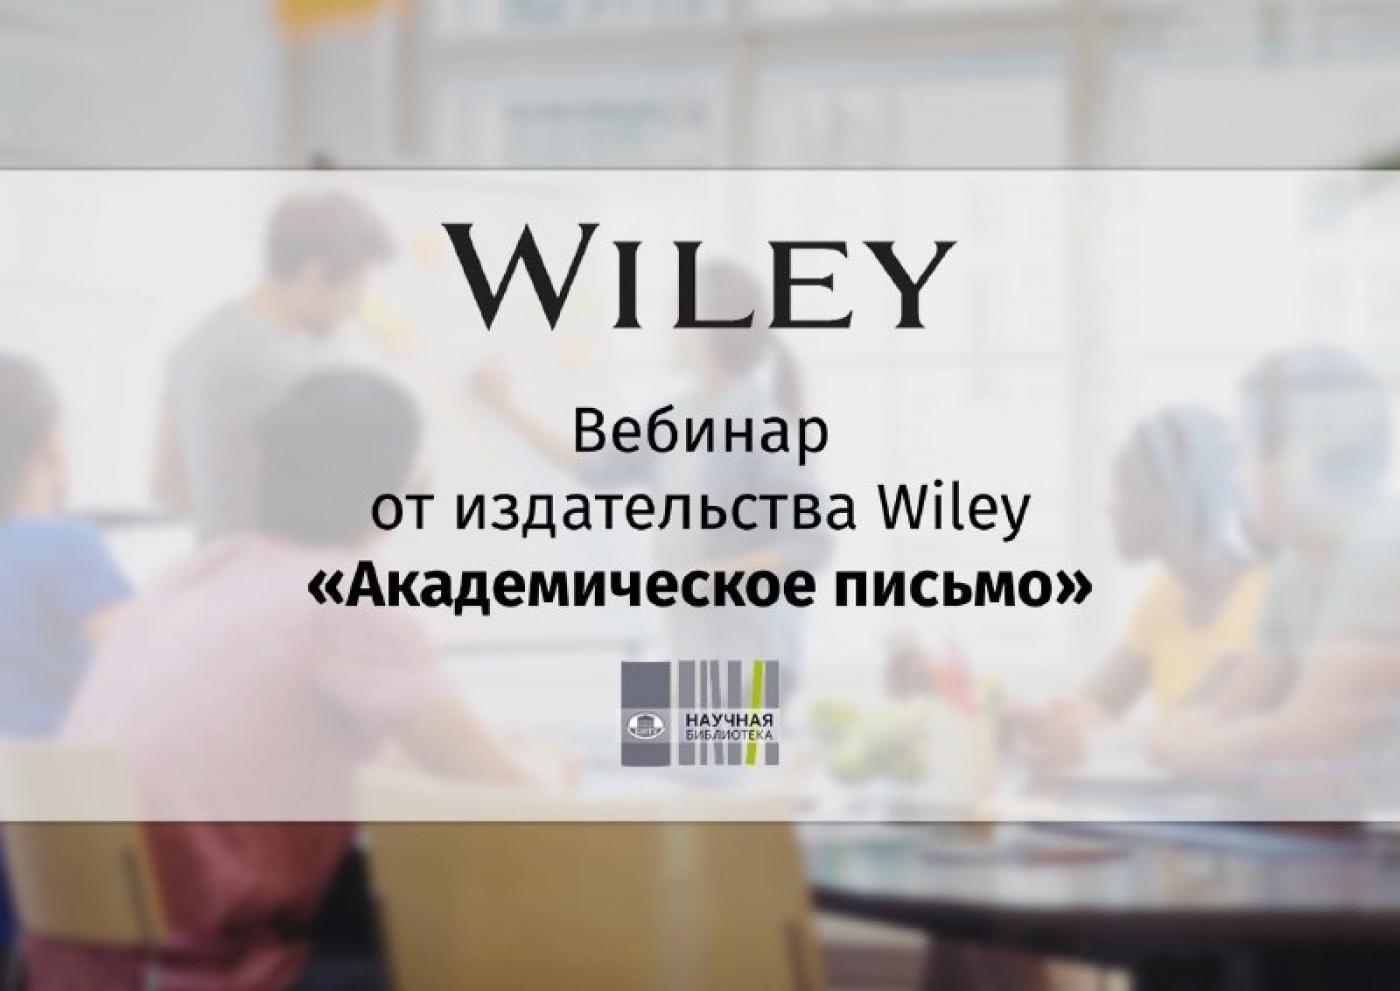 Вебинар от издательства Wiley «Академическое письмо»